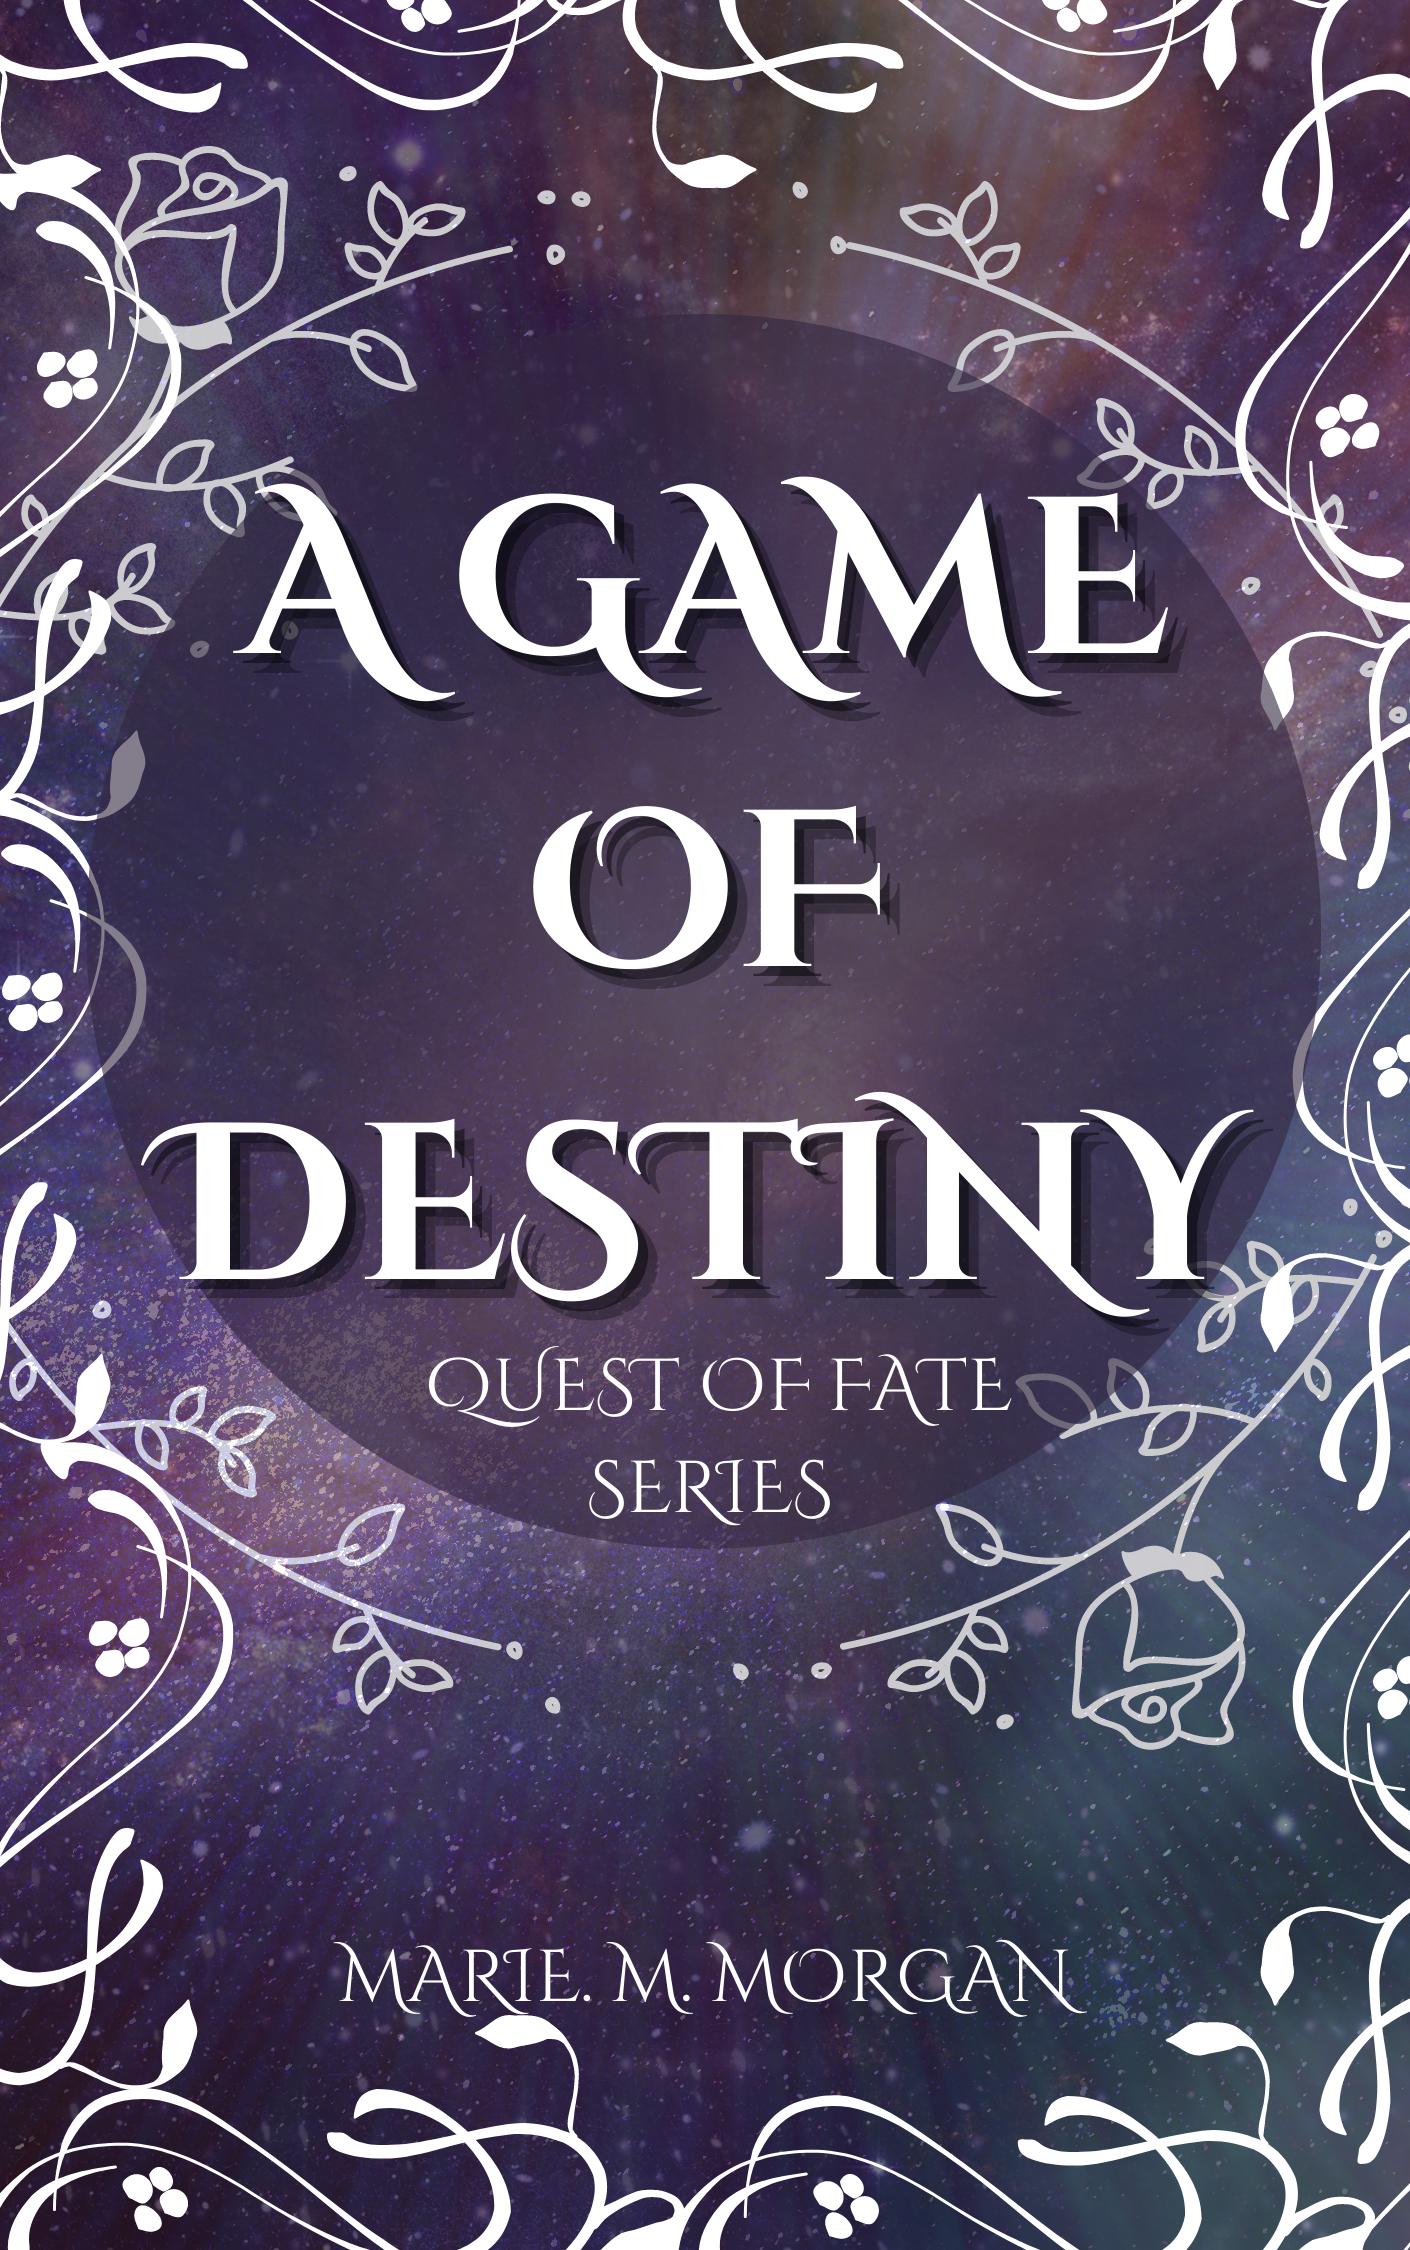 A Game of Destiny's Book Image